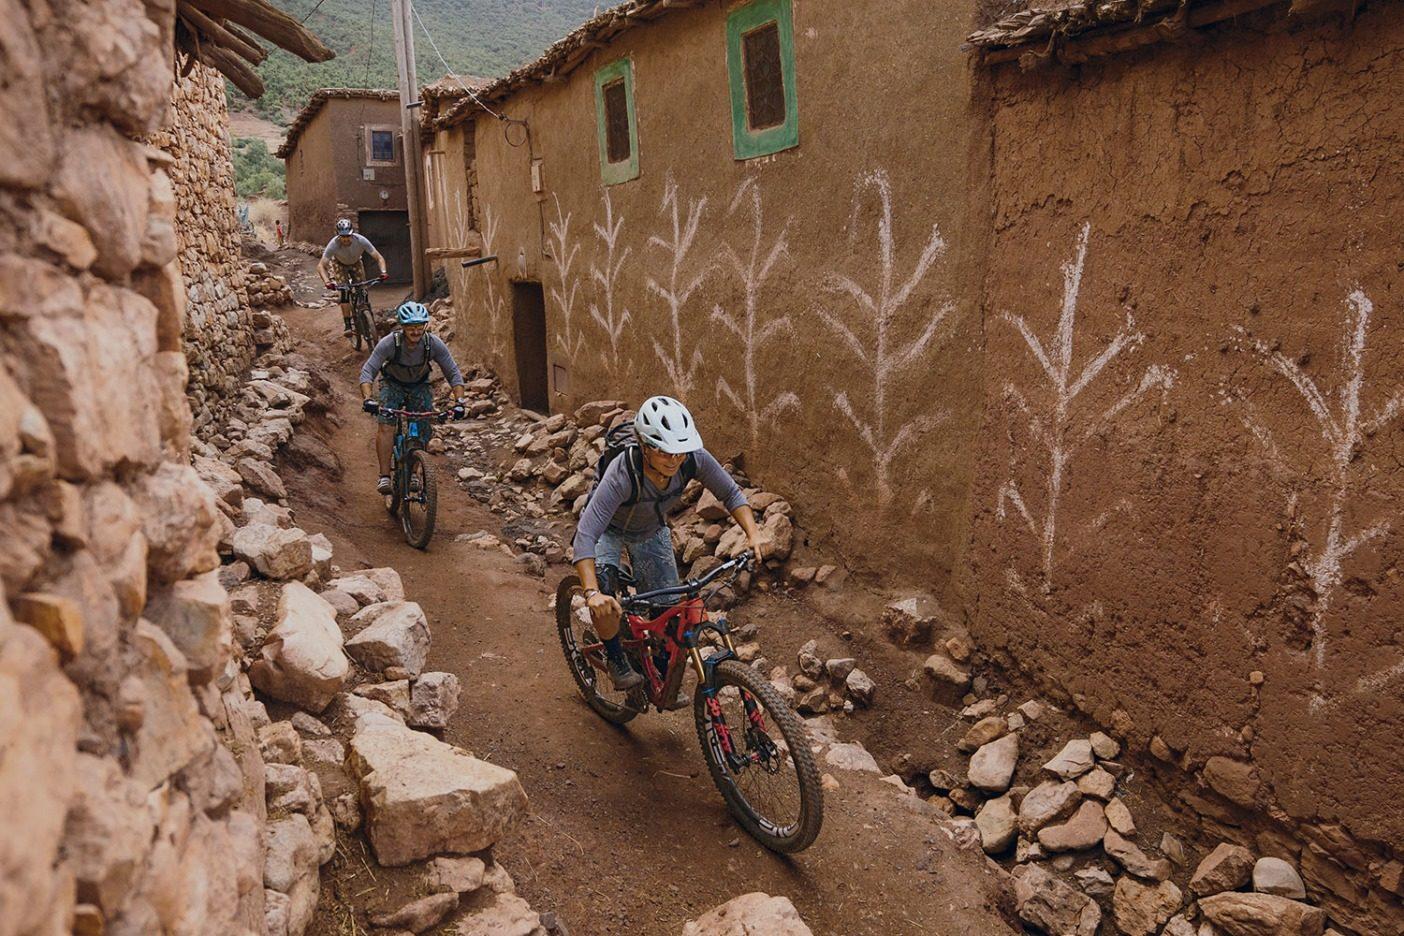 一車線道にて、前方注意。モロッコのシングルトラックの次なる区間を目指し、ドゥズルゥの村の 裏路地を縫い進むレイラニ・ブランツとピエール= アラン・レンファーとクリス・キーマイヤー。Photo: Leslie Kehmeier